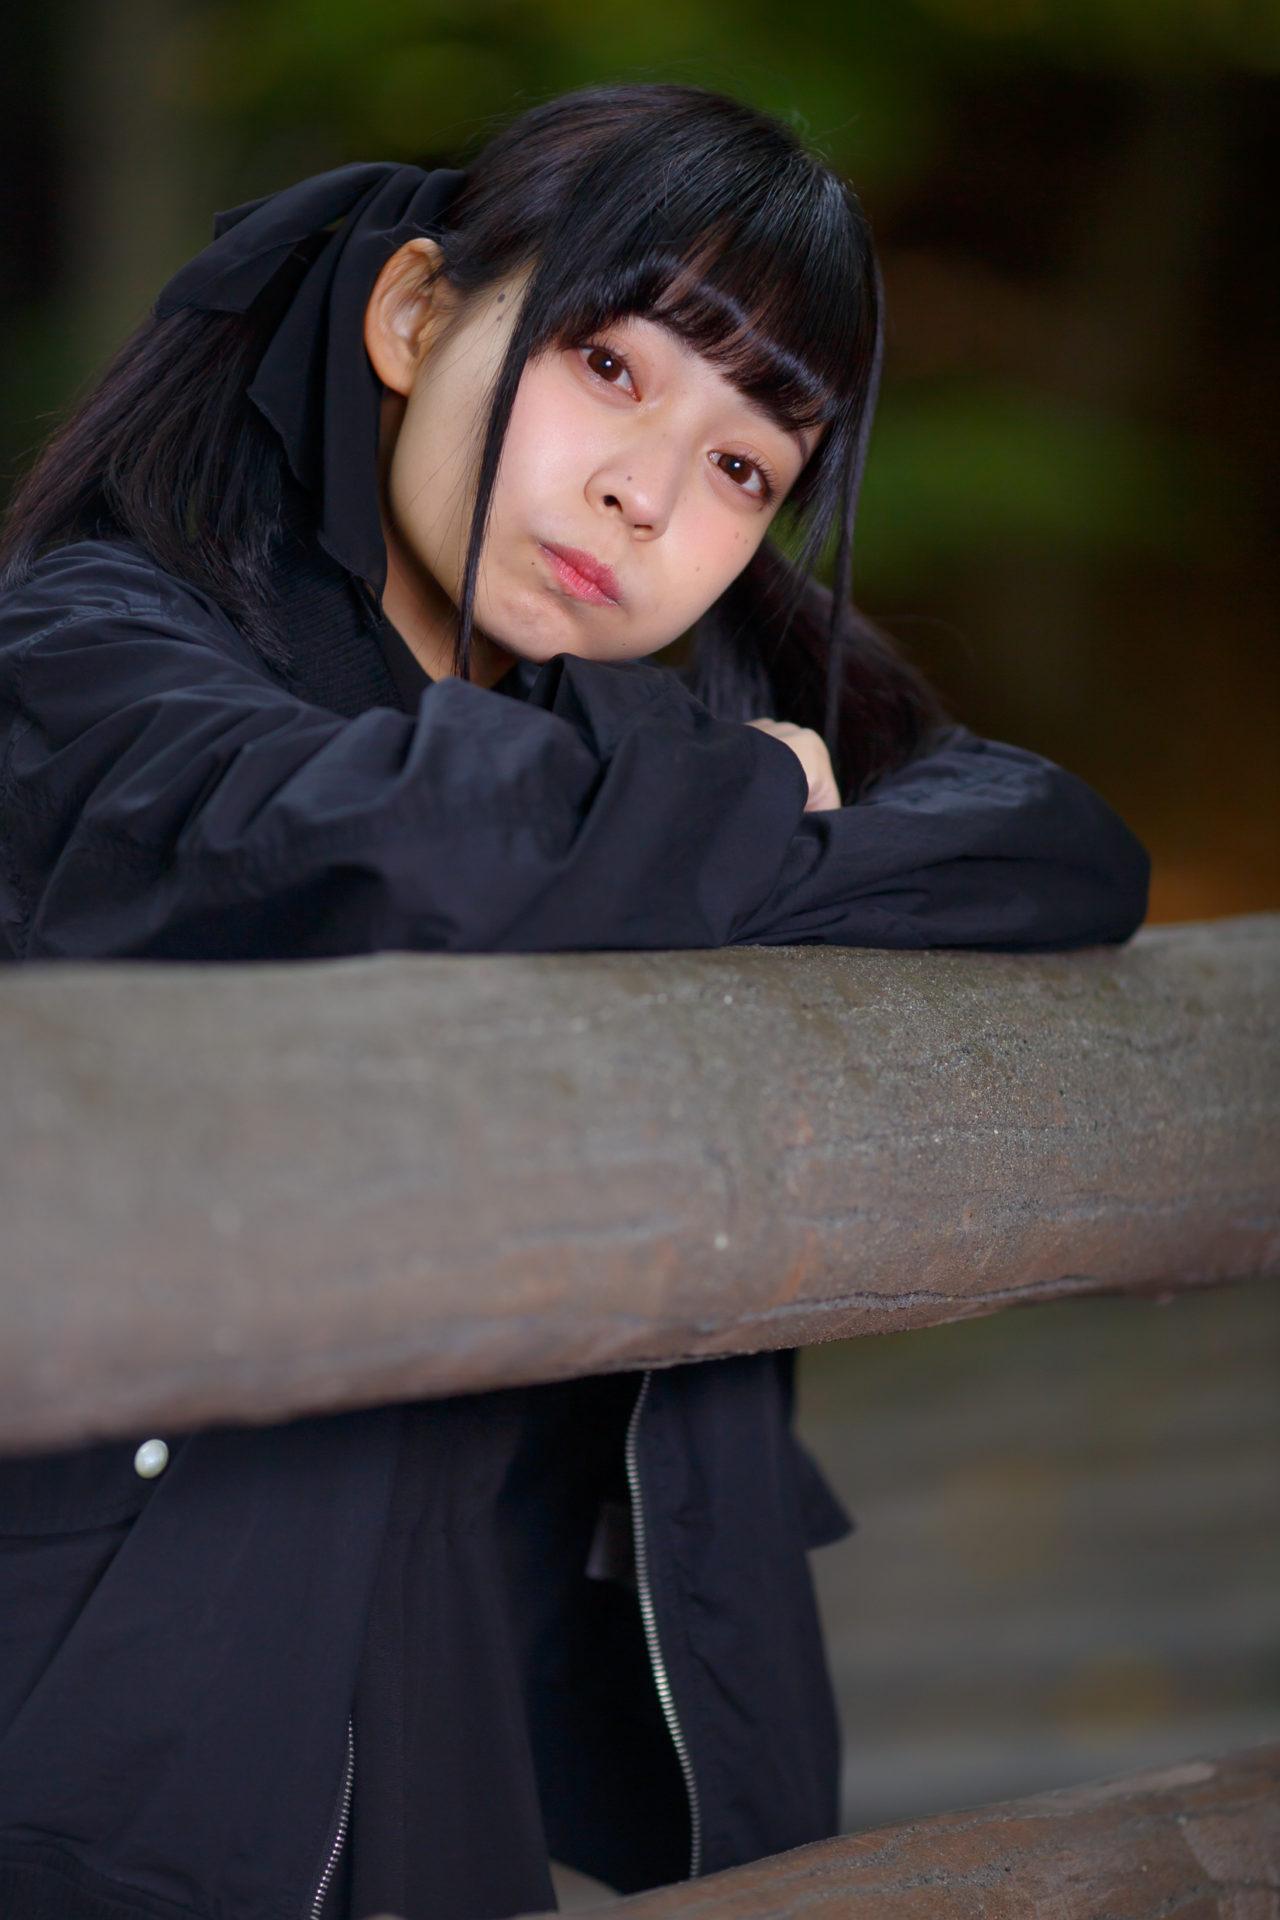 2代目HAPPY少女♪ ゆいな ( 宮崎ゆいな ) | 円山公園撮影会